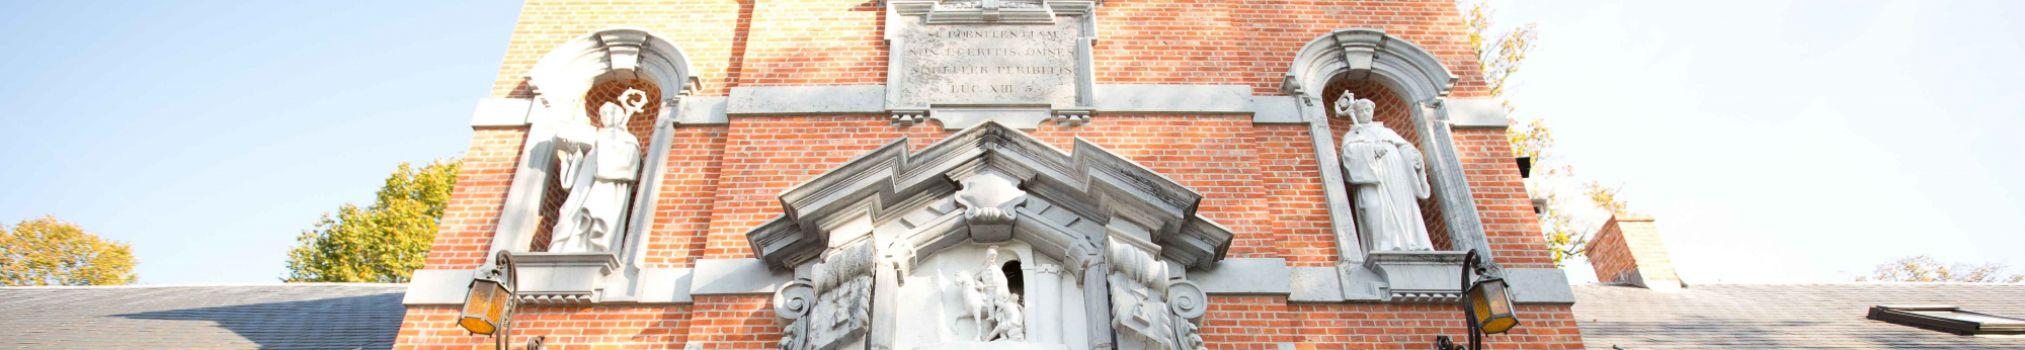 Porte d'entrée de l'abbaye Notre-Dame du Sacré-Cœur de Westmalle